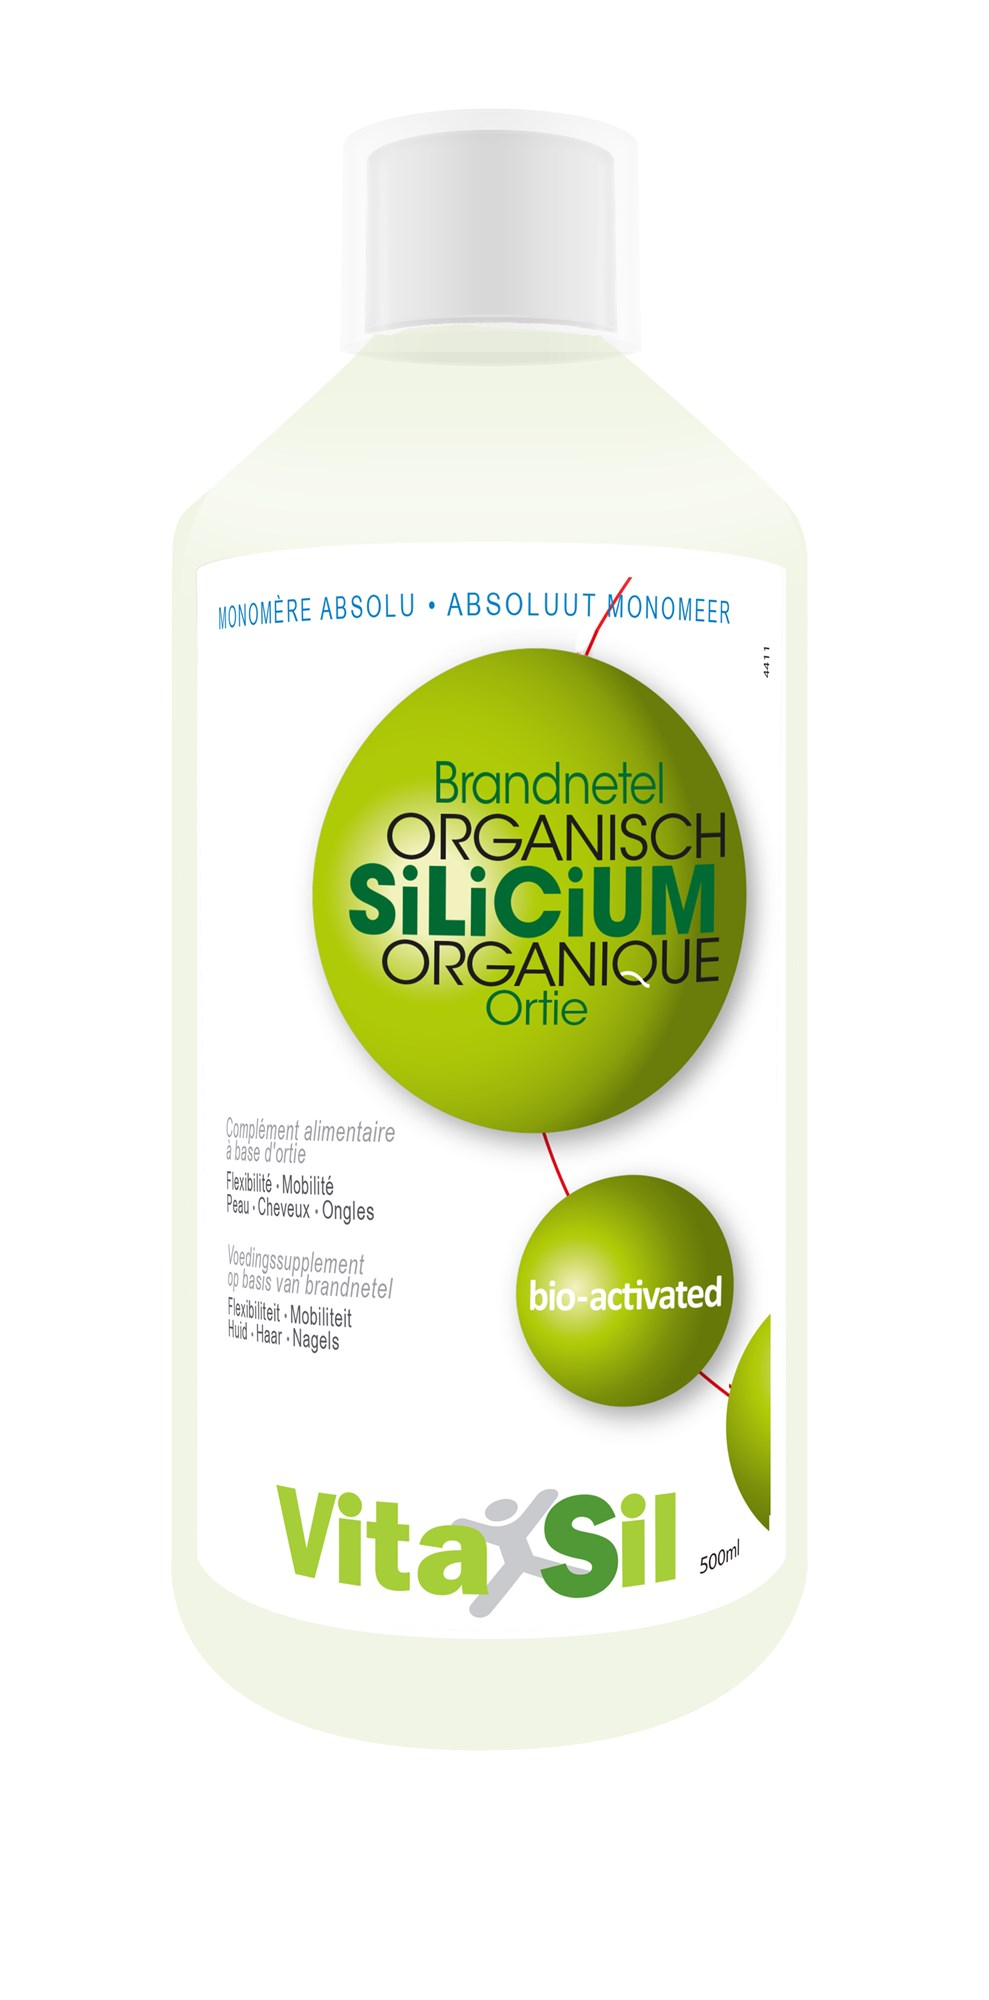 brandnetel organisch silicium